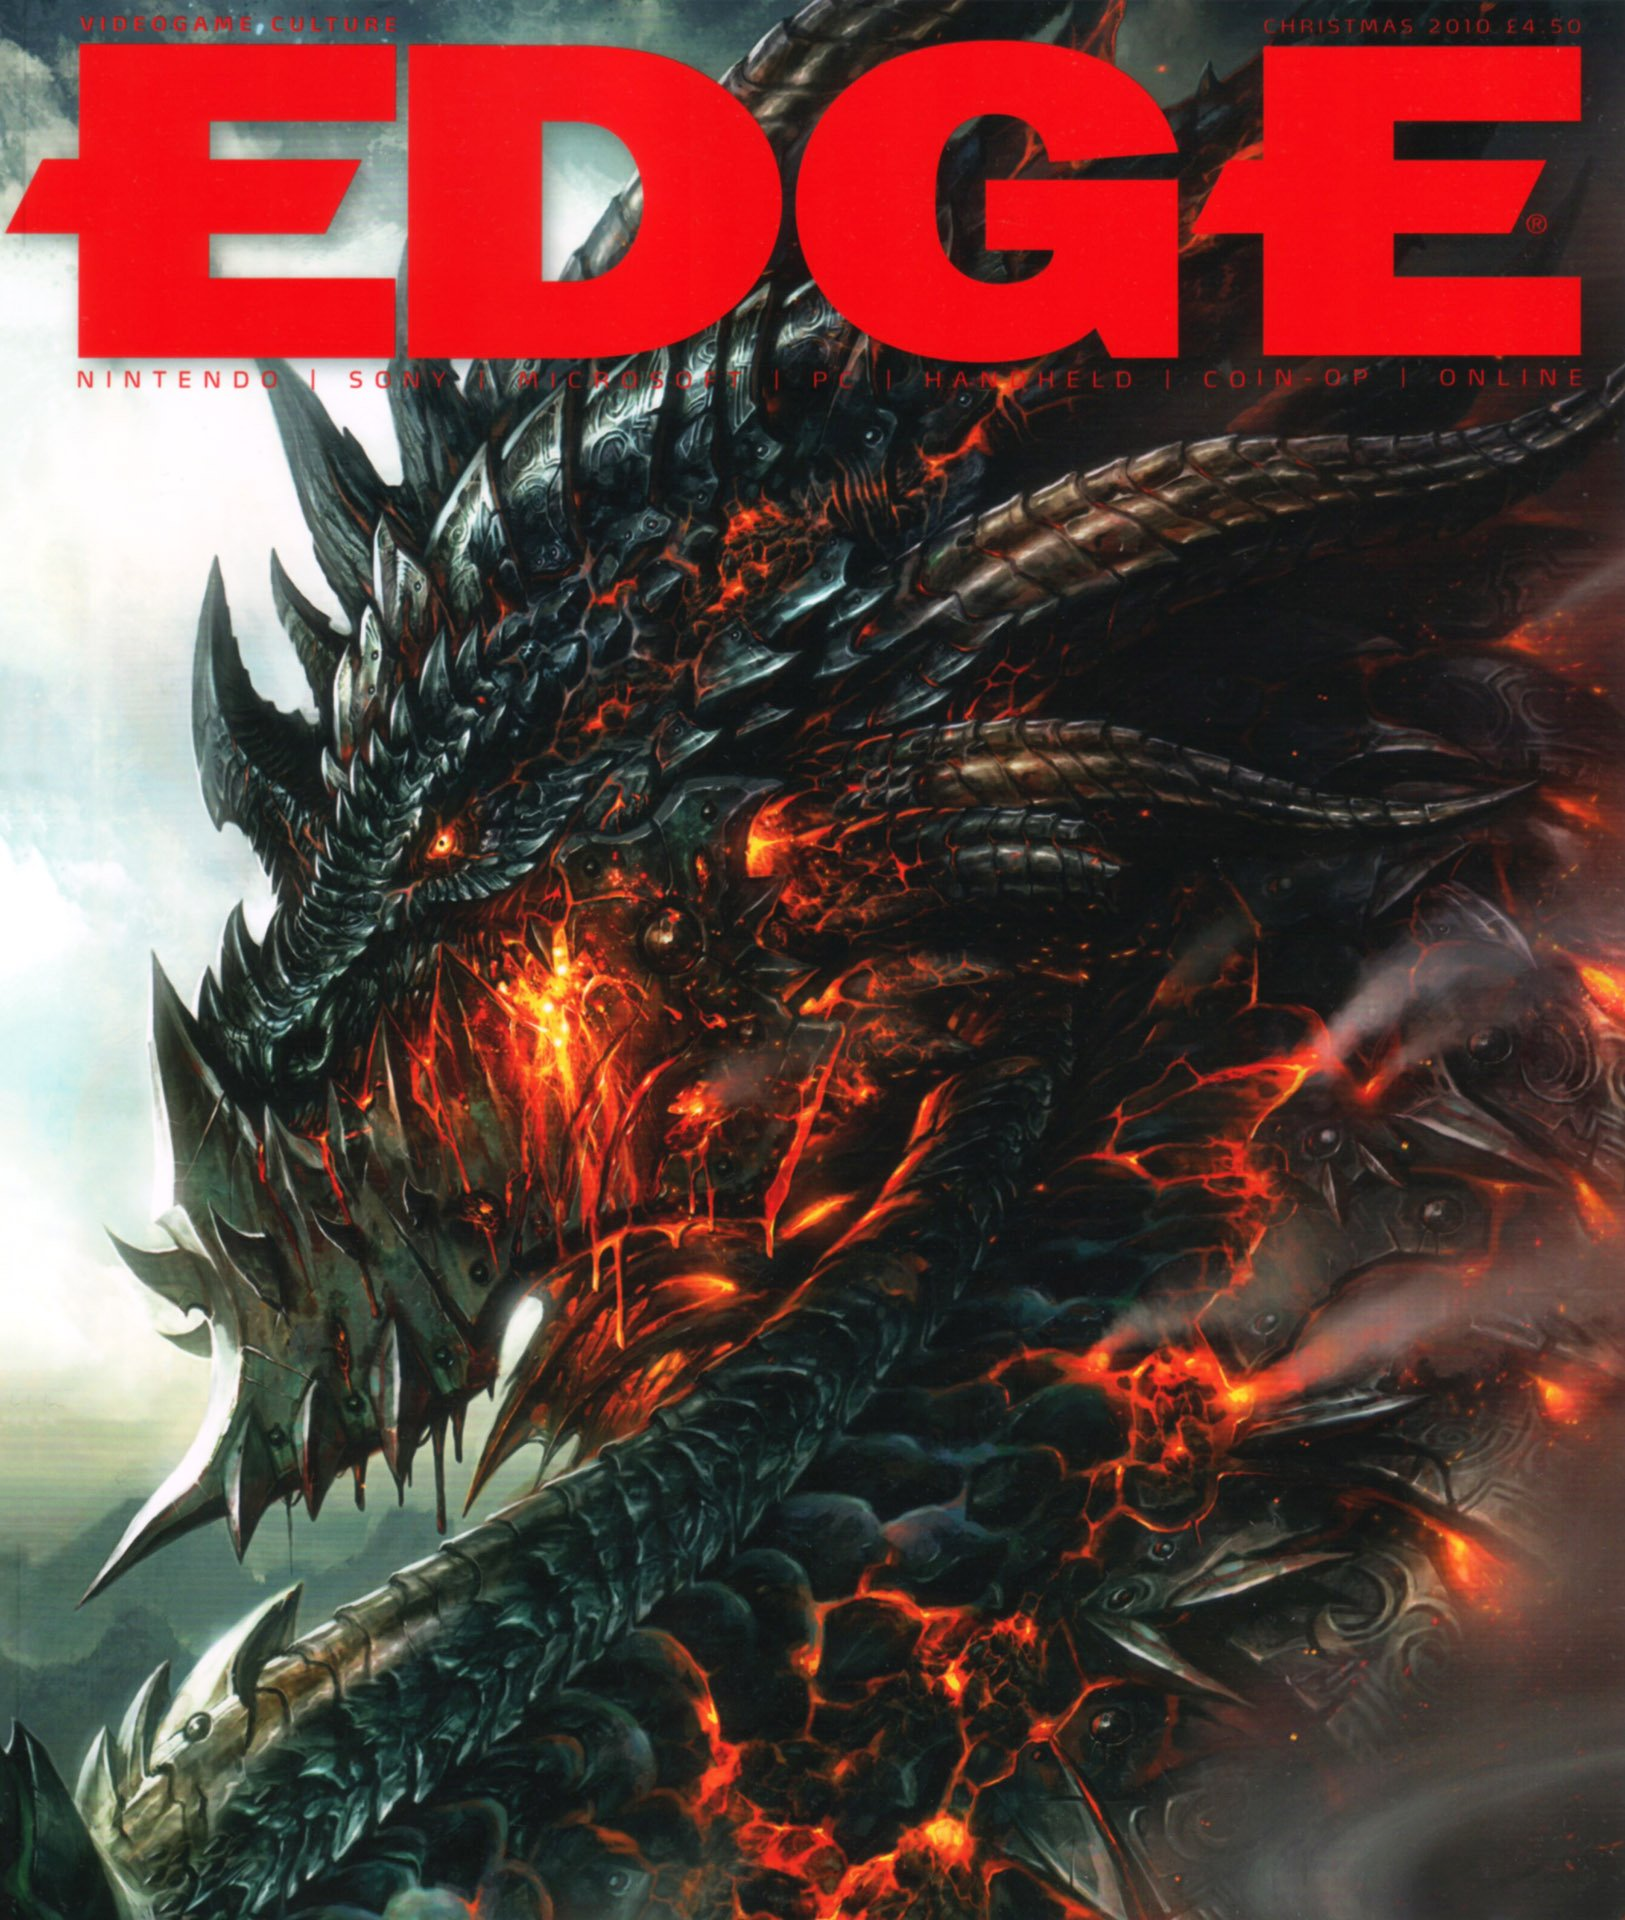 Edge 222 (Christmas 2010)